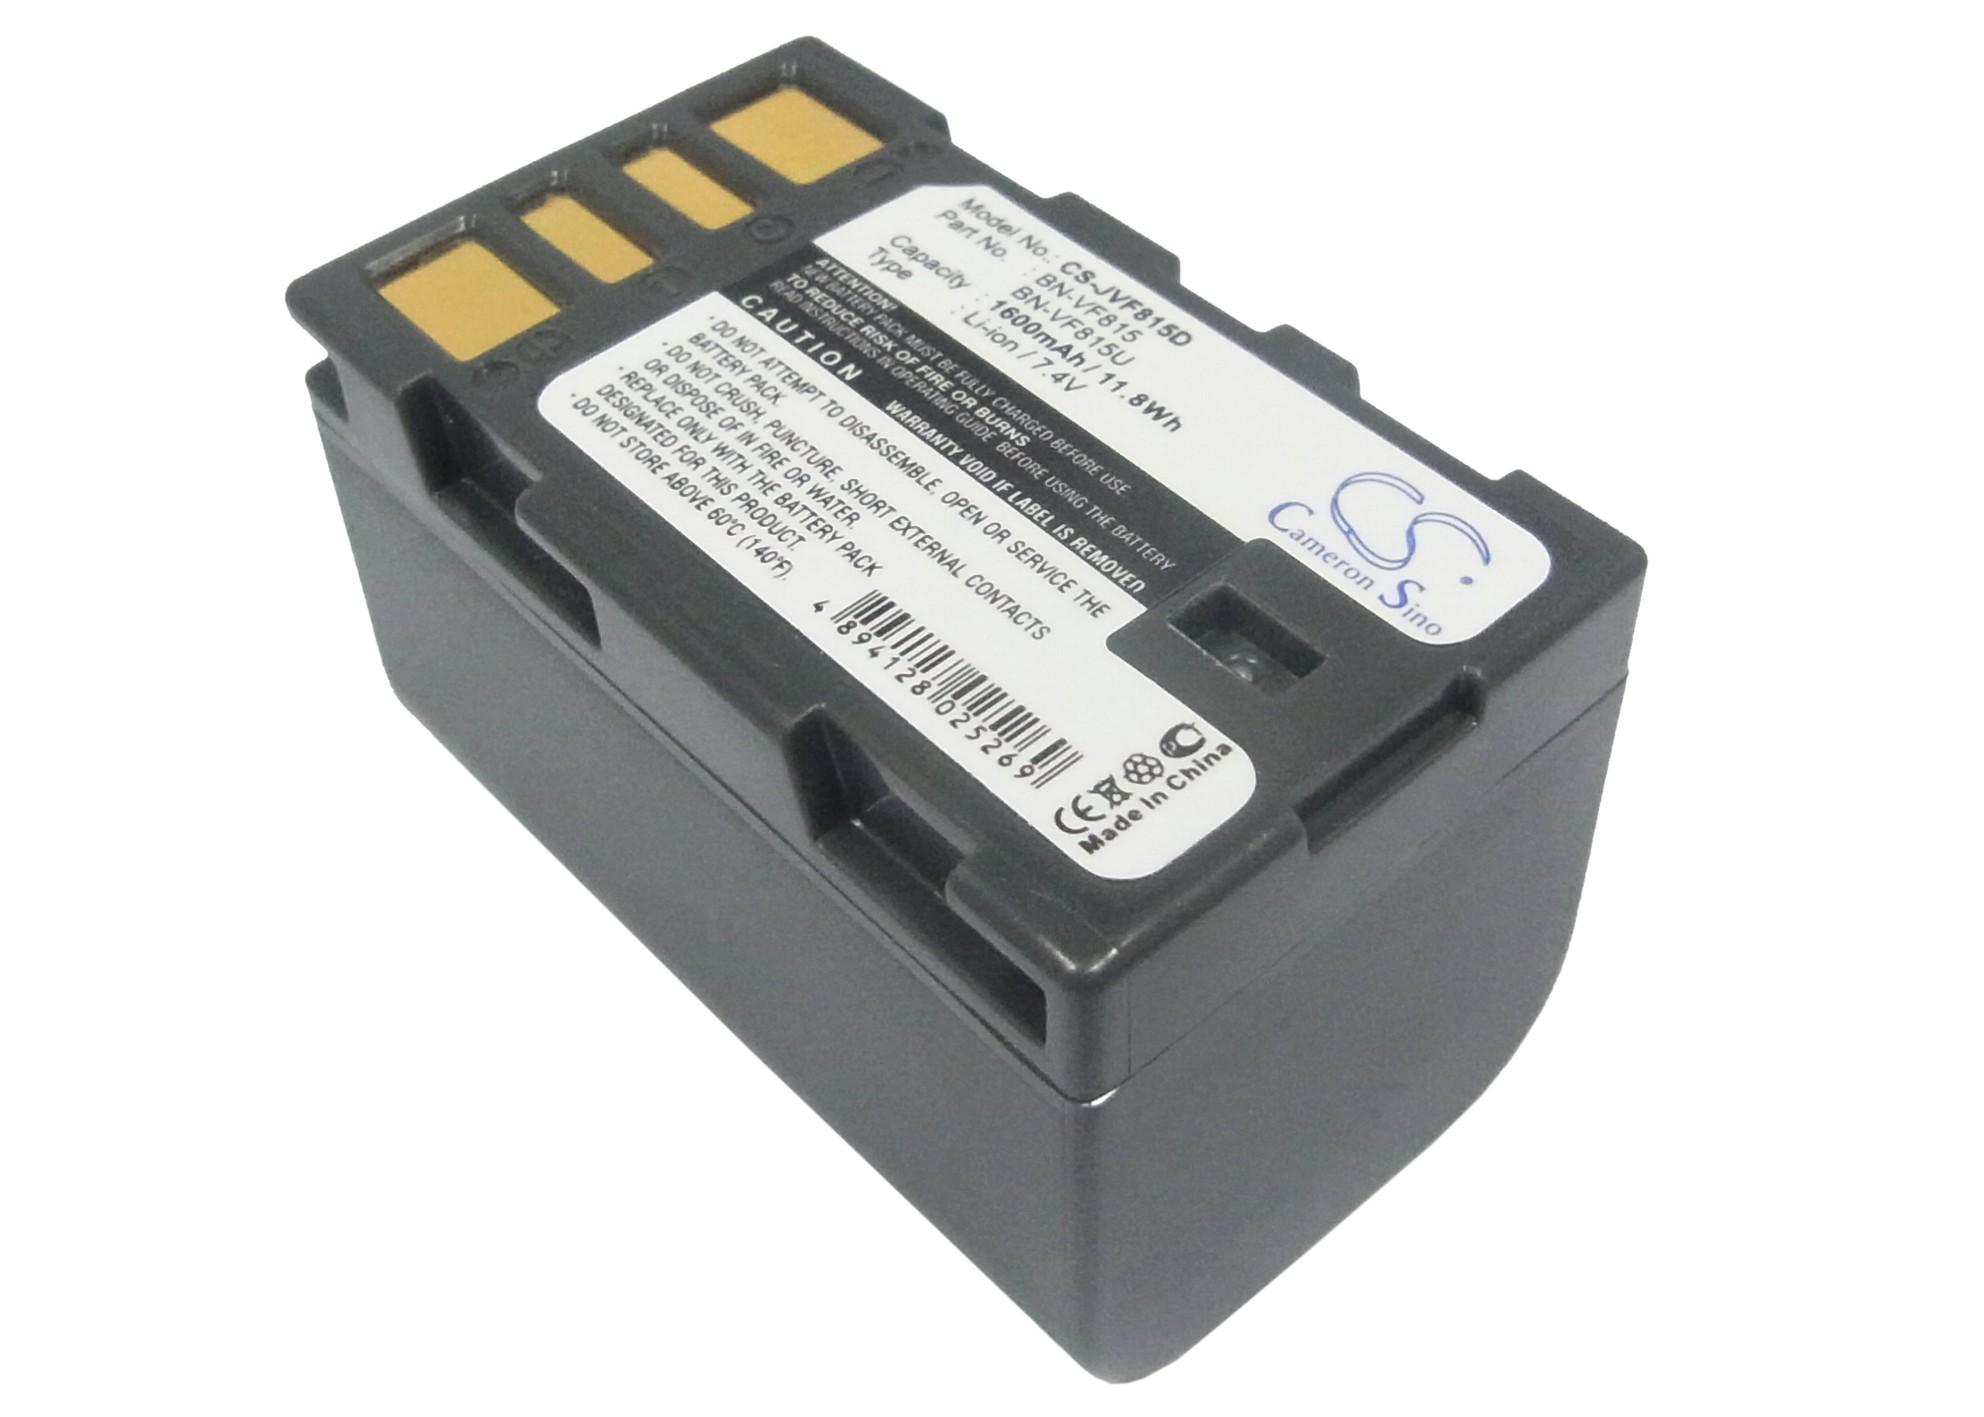 Cameron Sino baterie do kamer a fotoaparátů pro JVC GZ-MG330 7.4V Li-ion 1600mAh černá - neoriginální